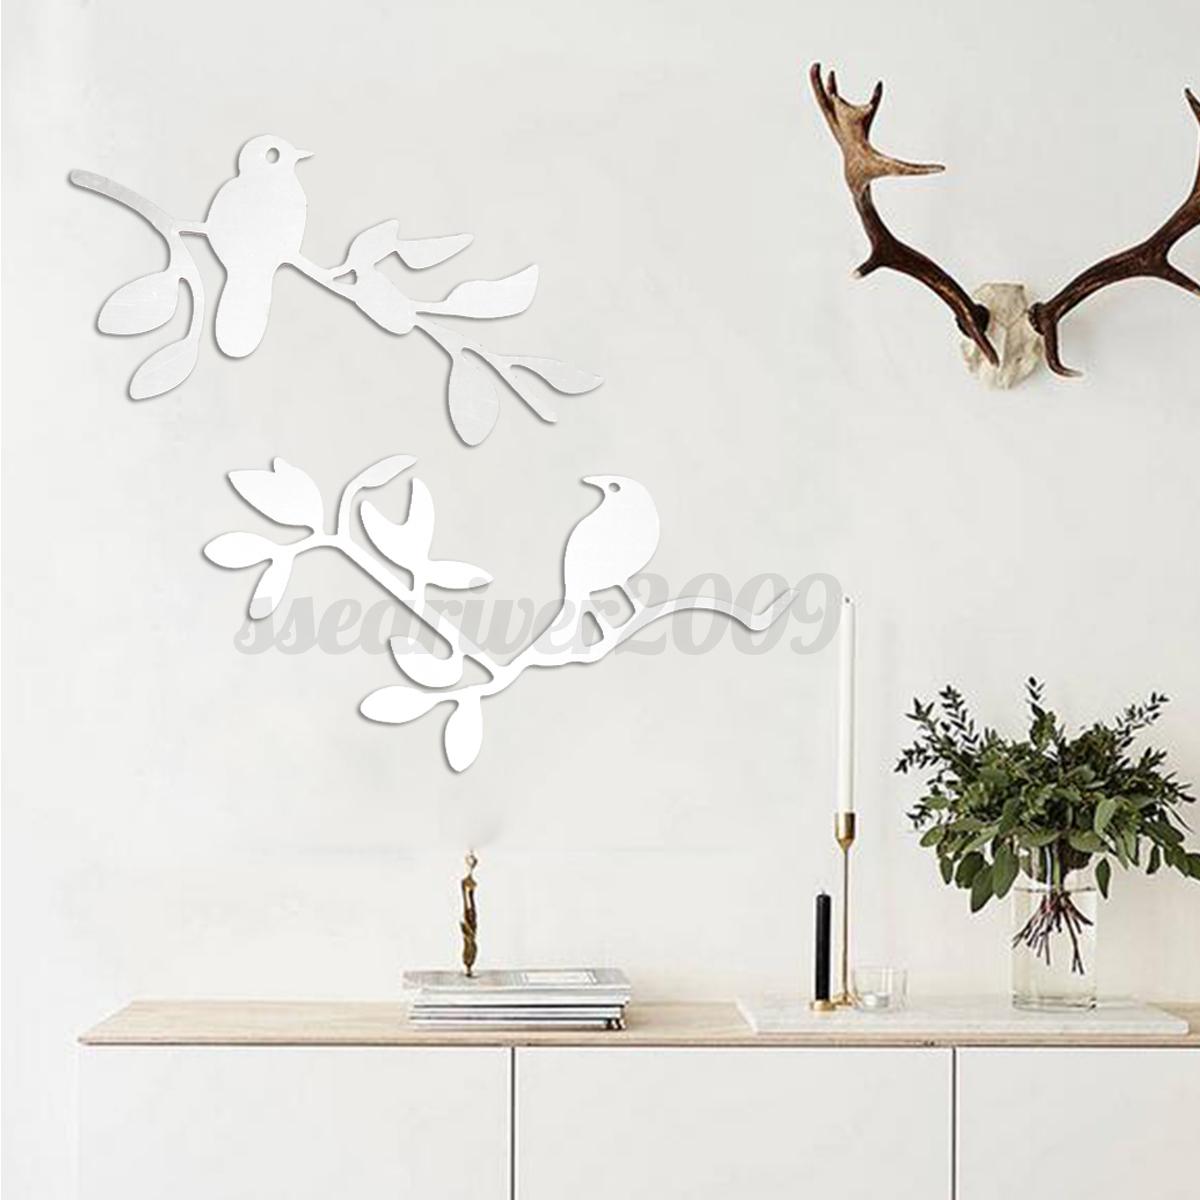 2pcs diy sticker miroir acrylique autocollant oiseaux for Autocollant mural arbre